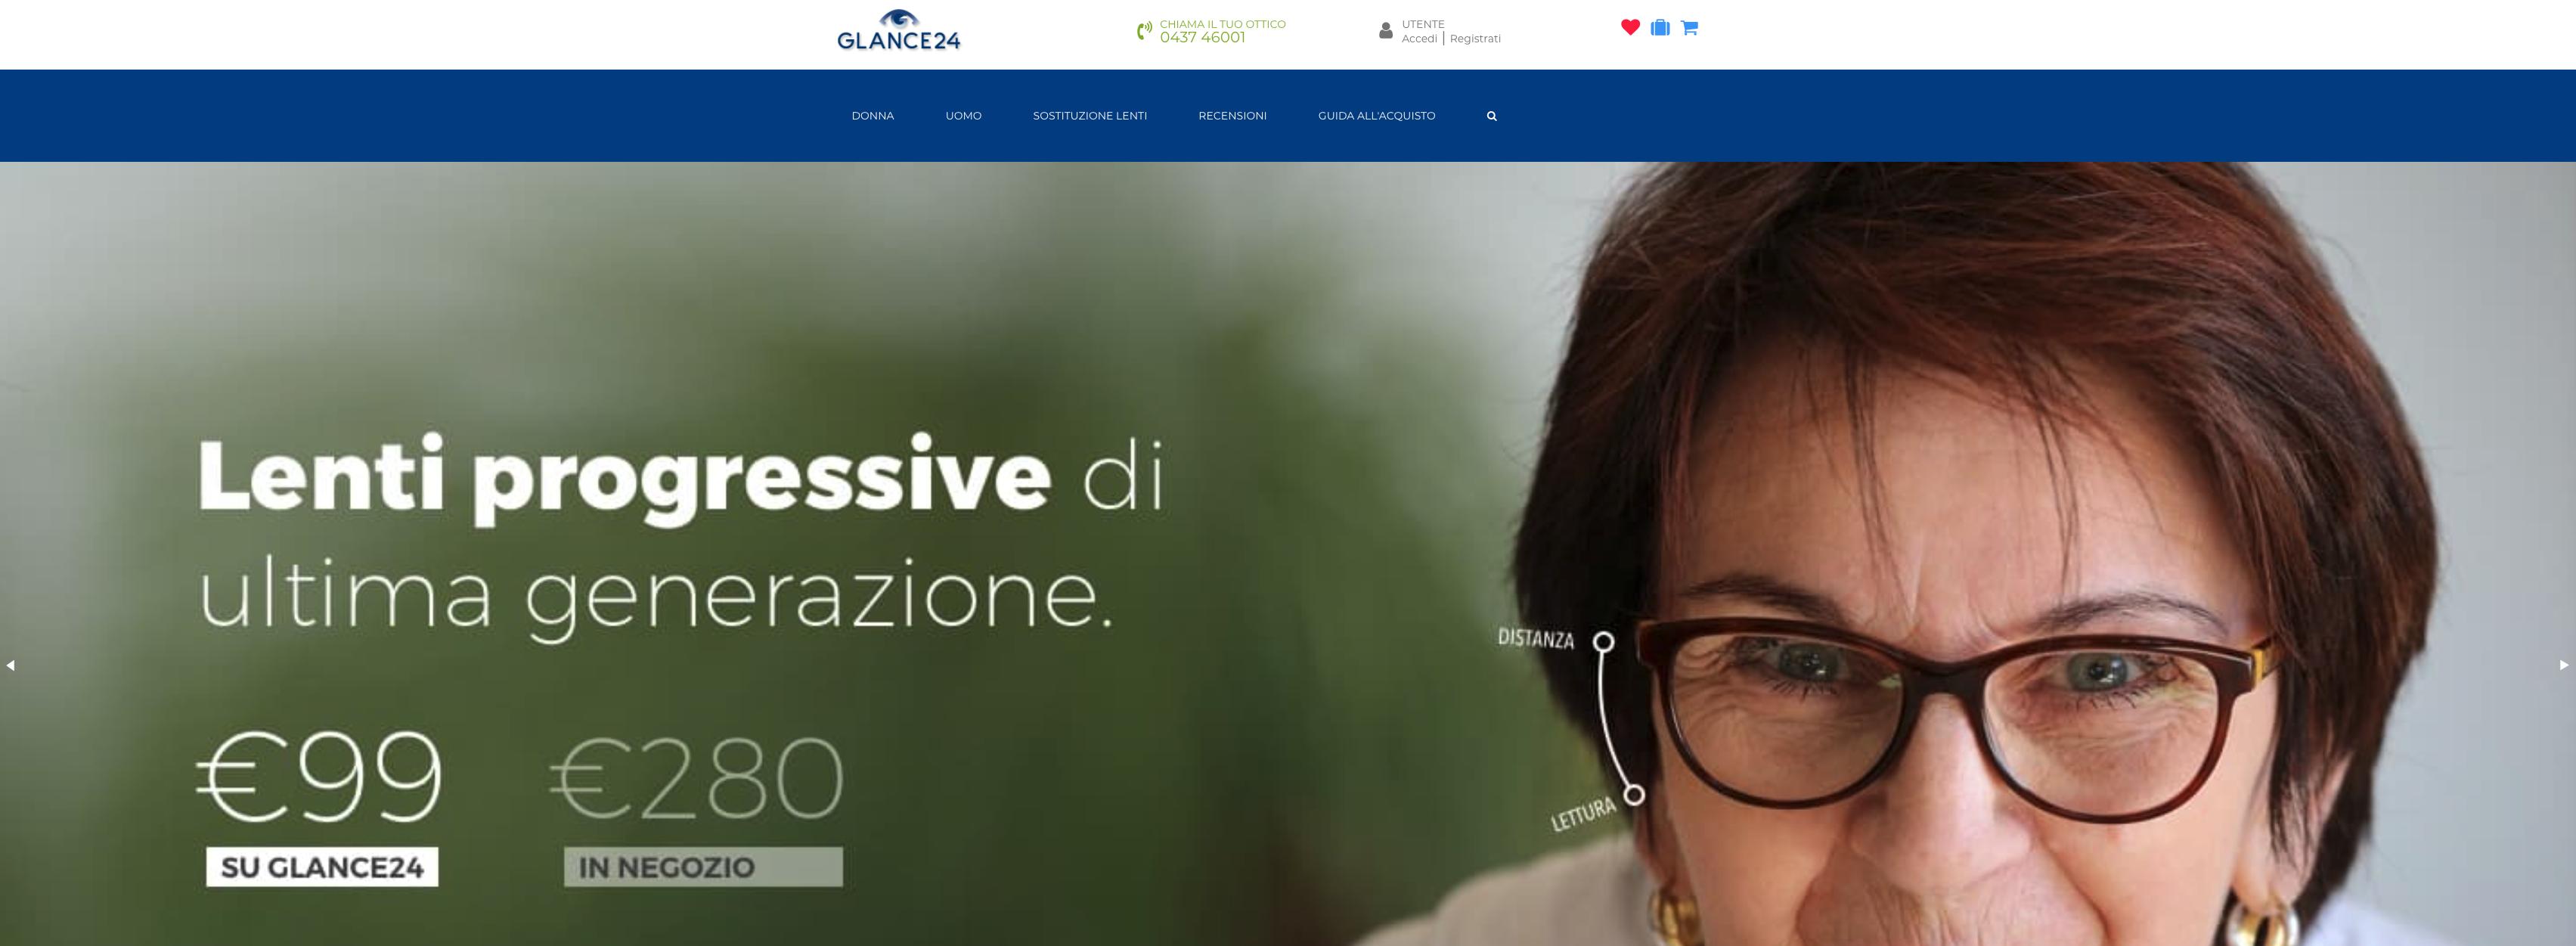 Glance24.com occhiali da vista